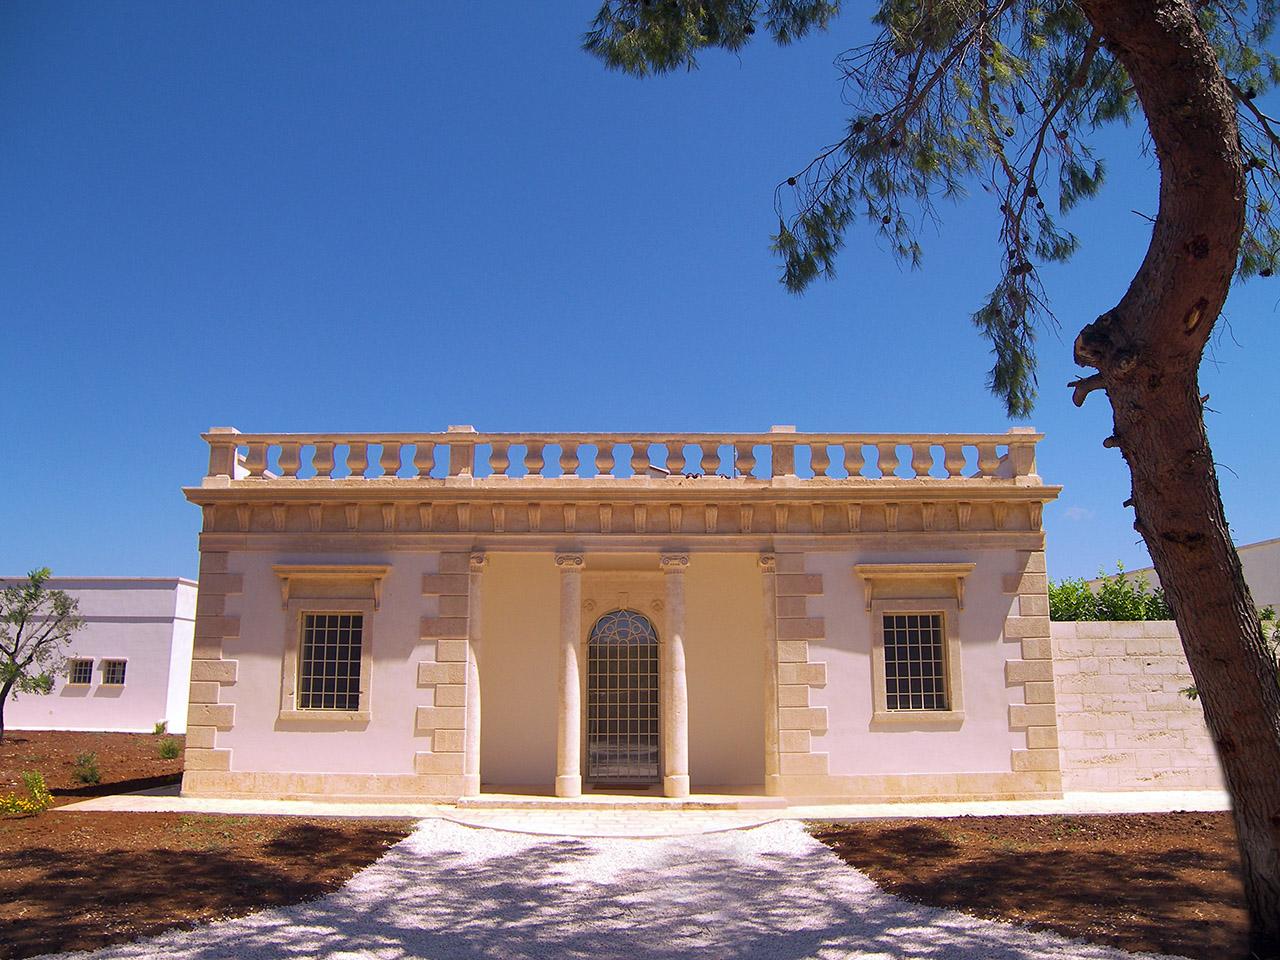 costruzioni restauri sirio ostuni nuova residenza privata ristrutturazione recupero ostuni 100 4896